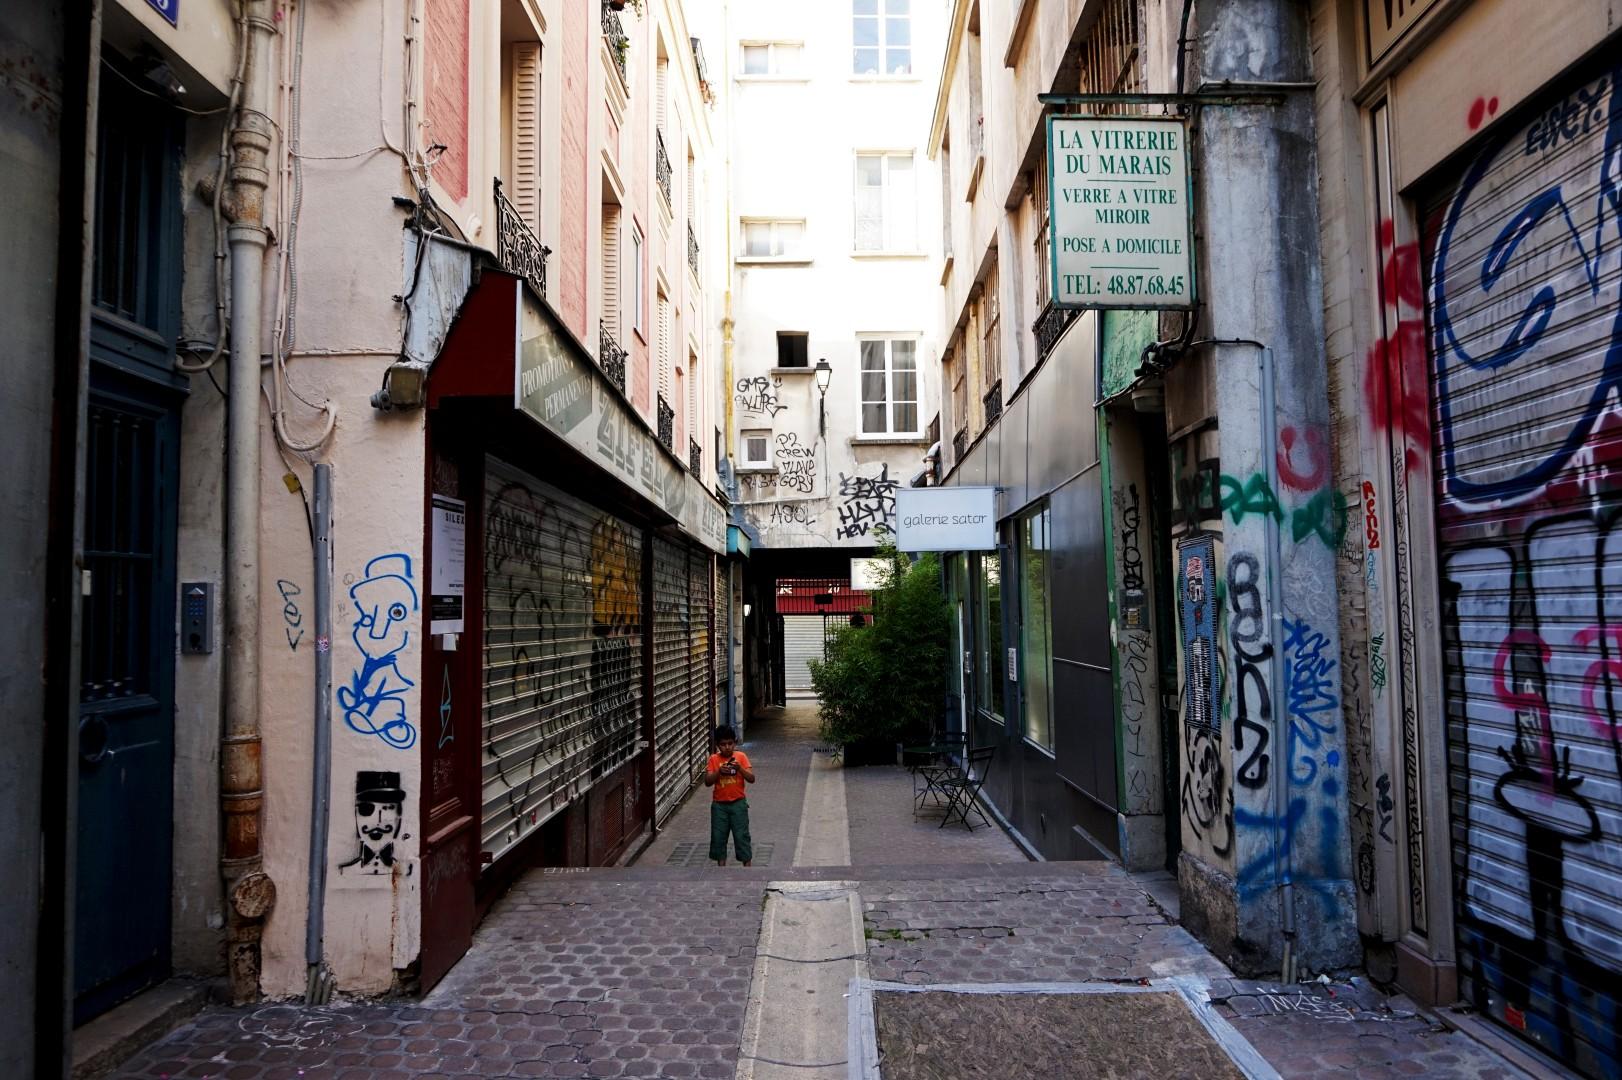 Balade dans le quartier Arts et Métier (3e) - Passage des Gravilliers